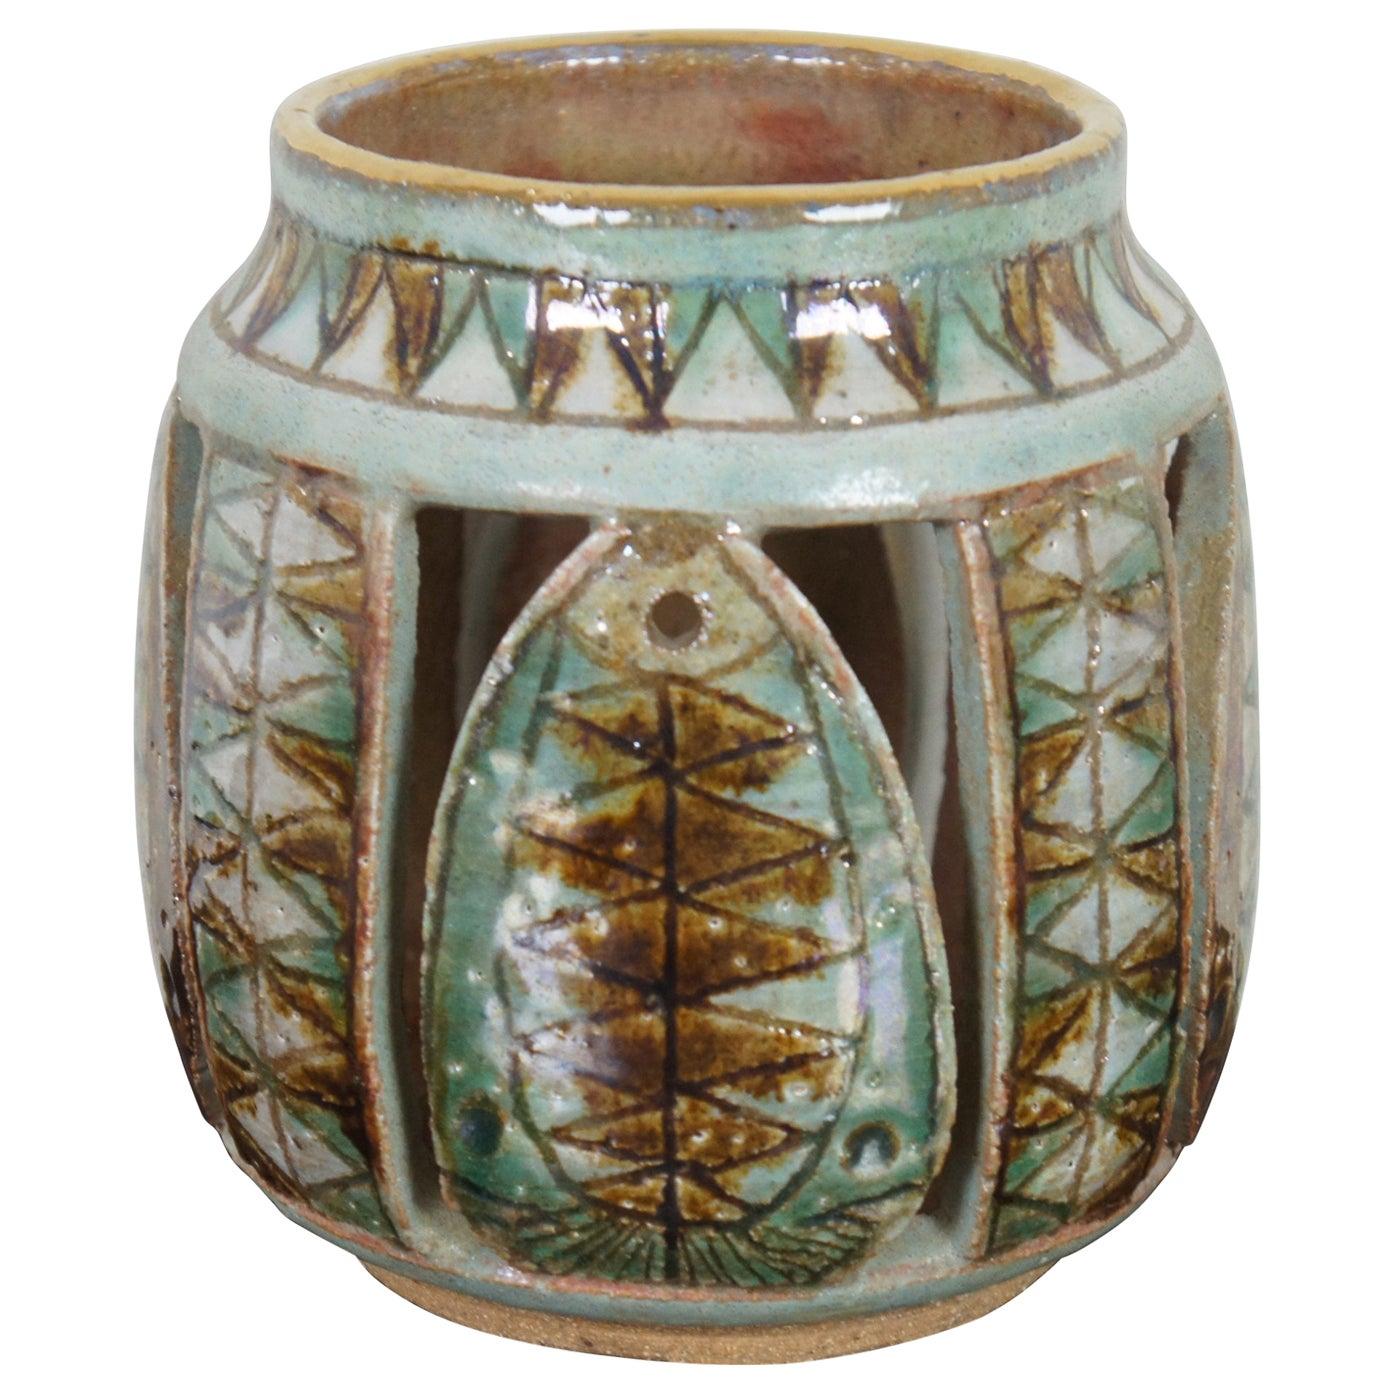 John Nartker Midcentury Ceramic Candleholder Lantern Green Brown Southwestern